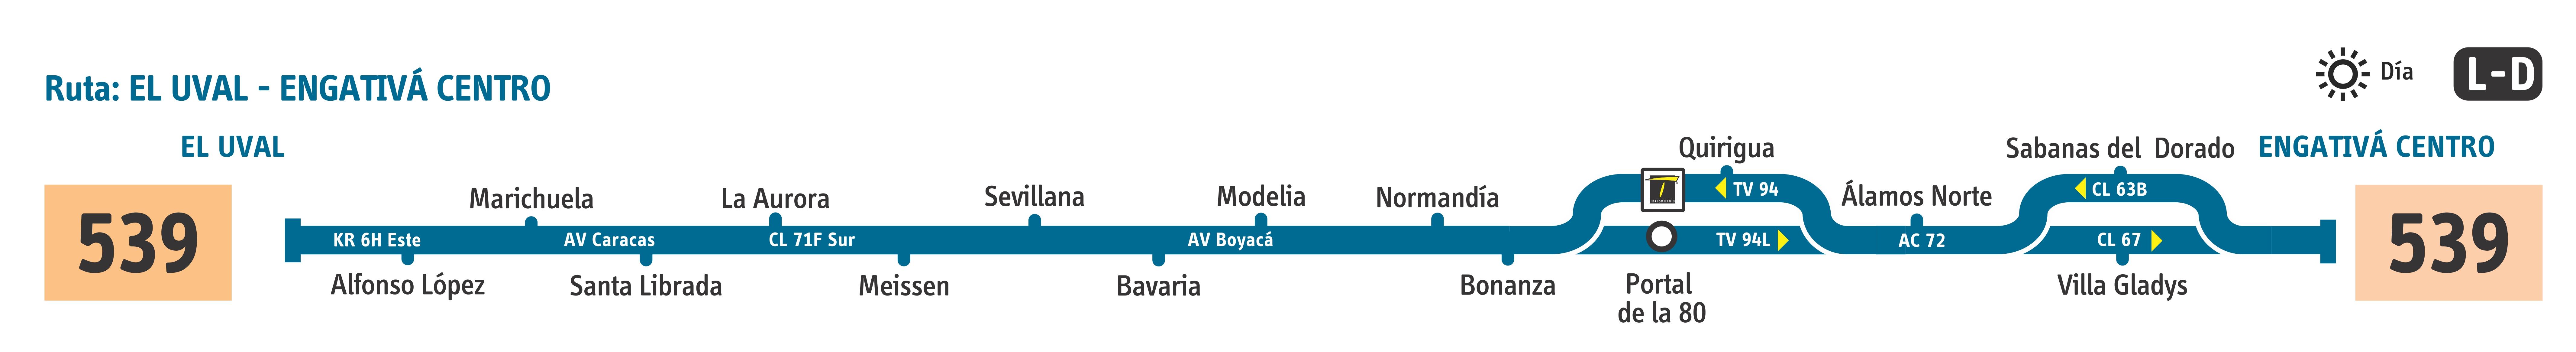 Diagrama ruta urbana 539 El Uval - Engativá Centro